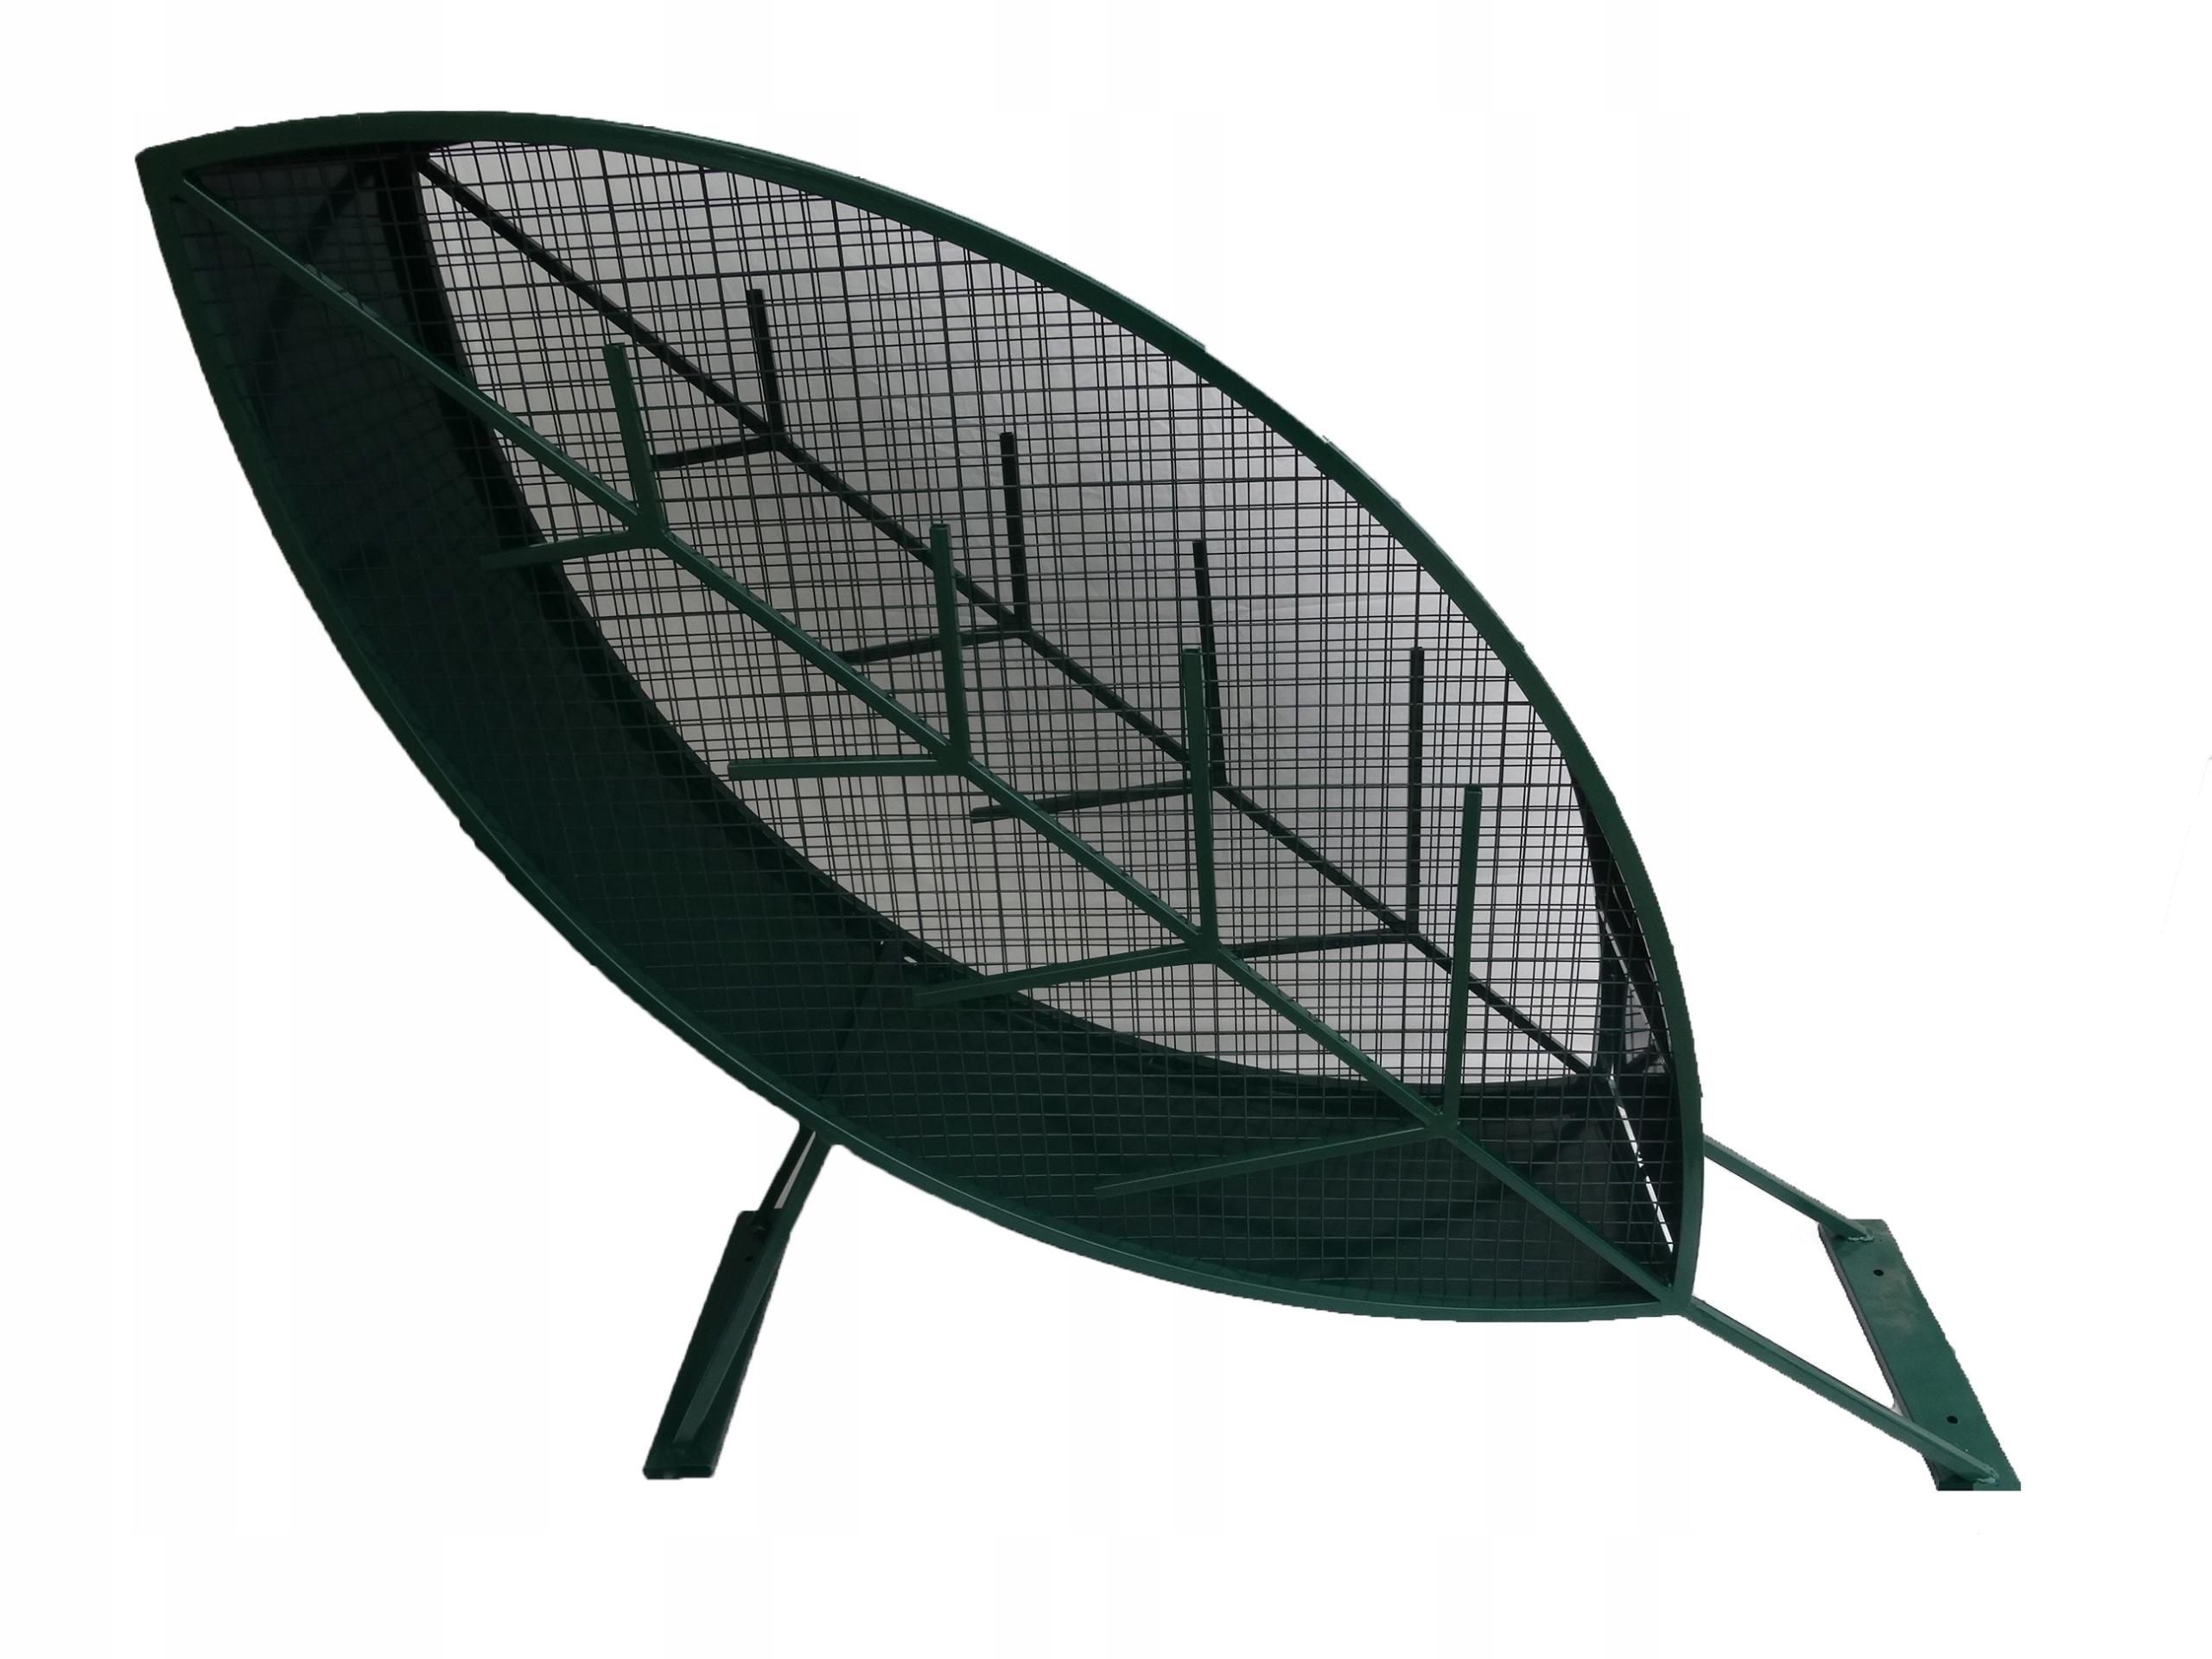 Контейнер для листьев с навинчивающимися крышками